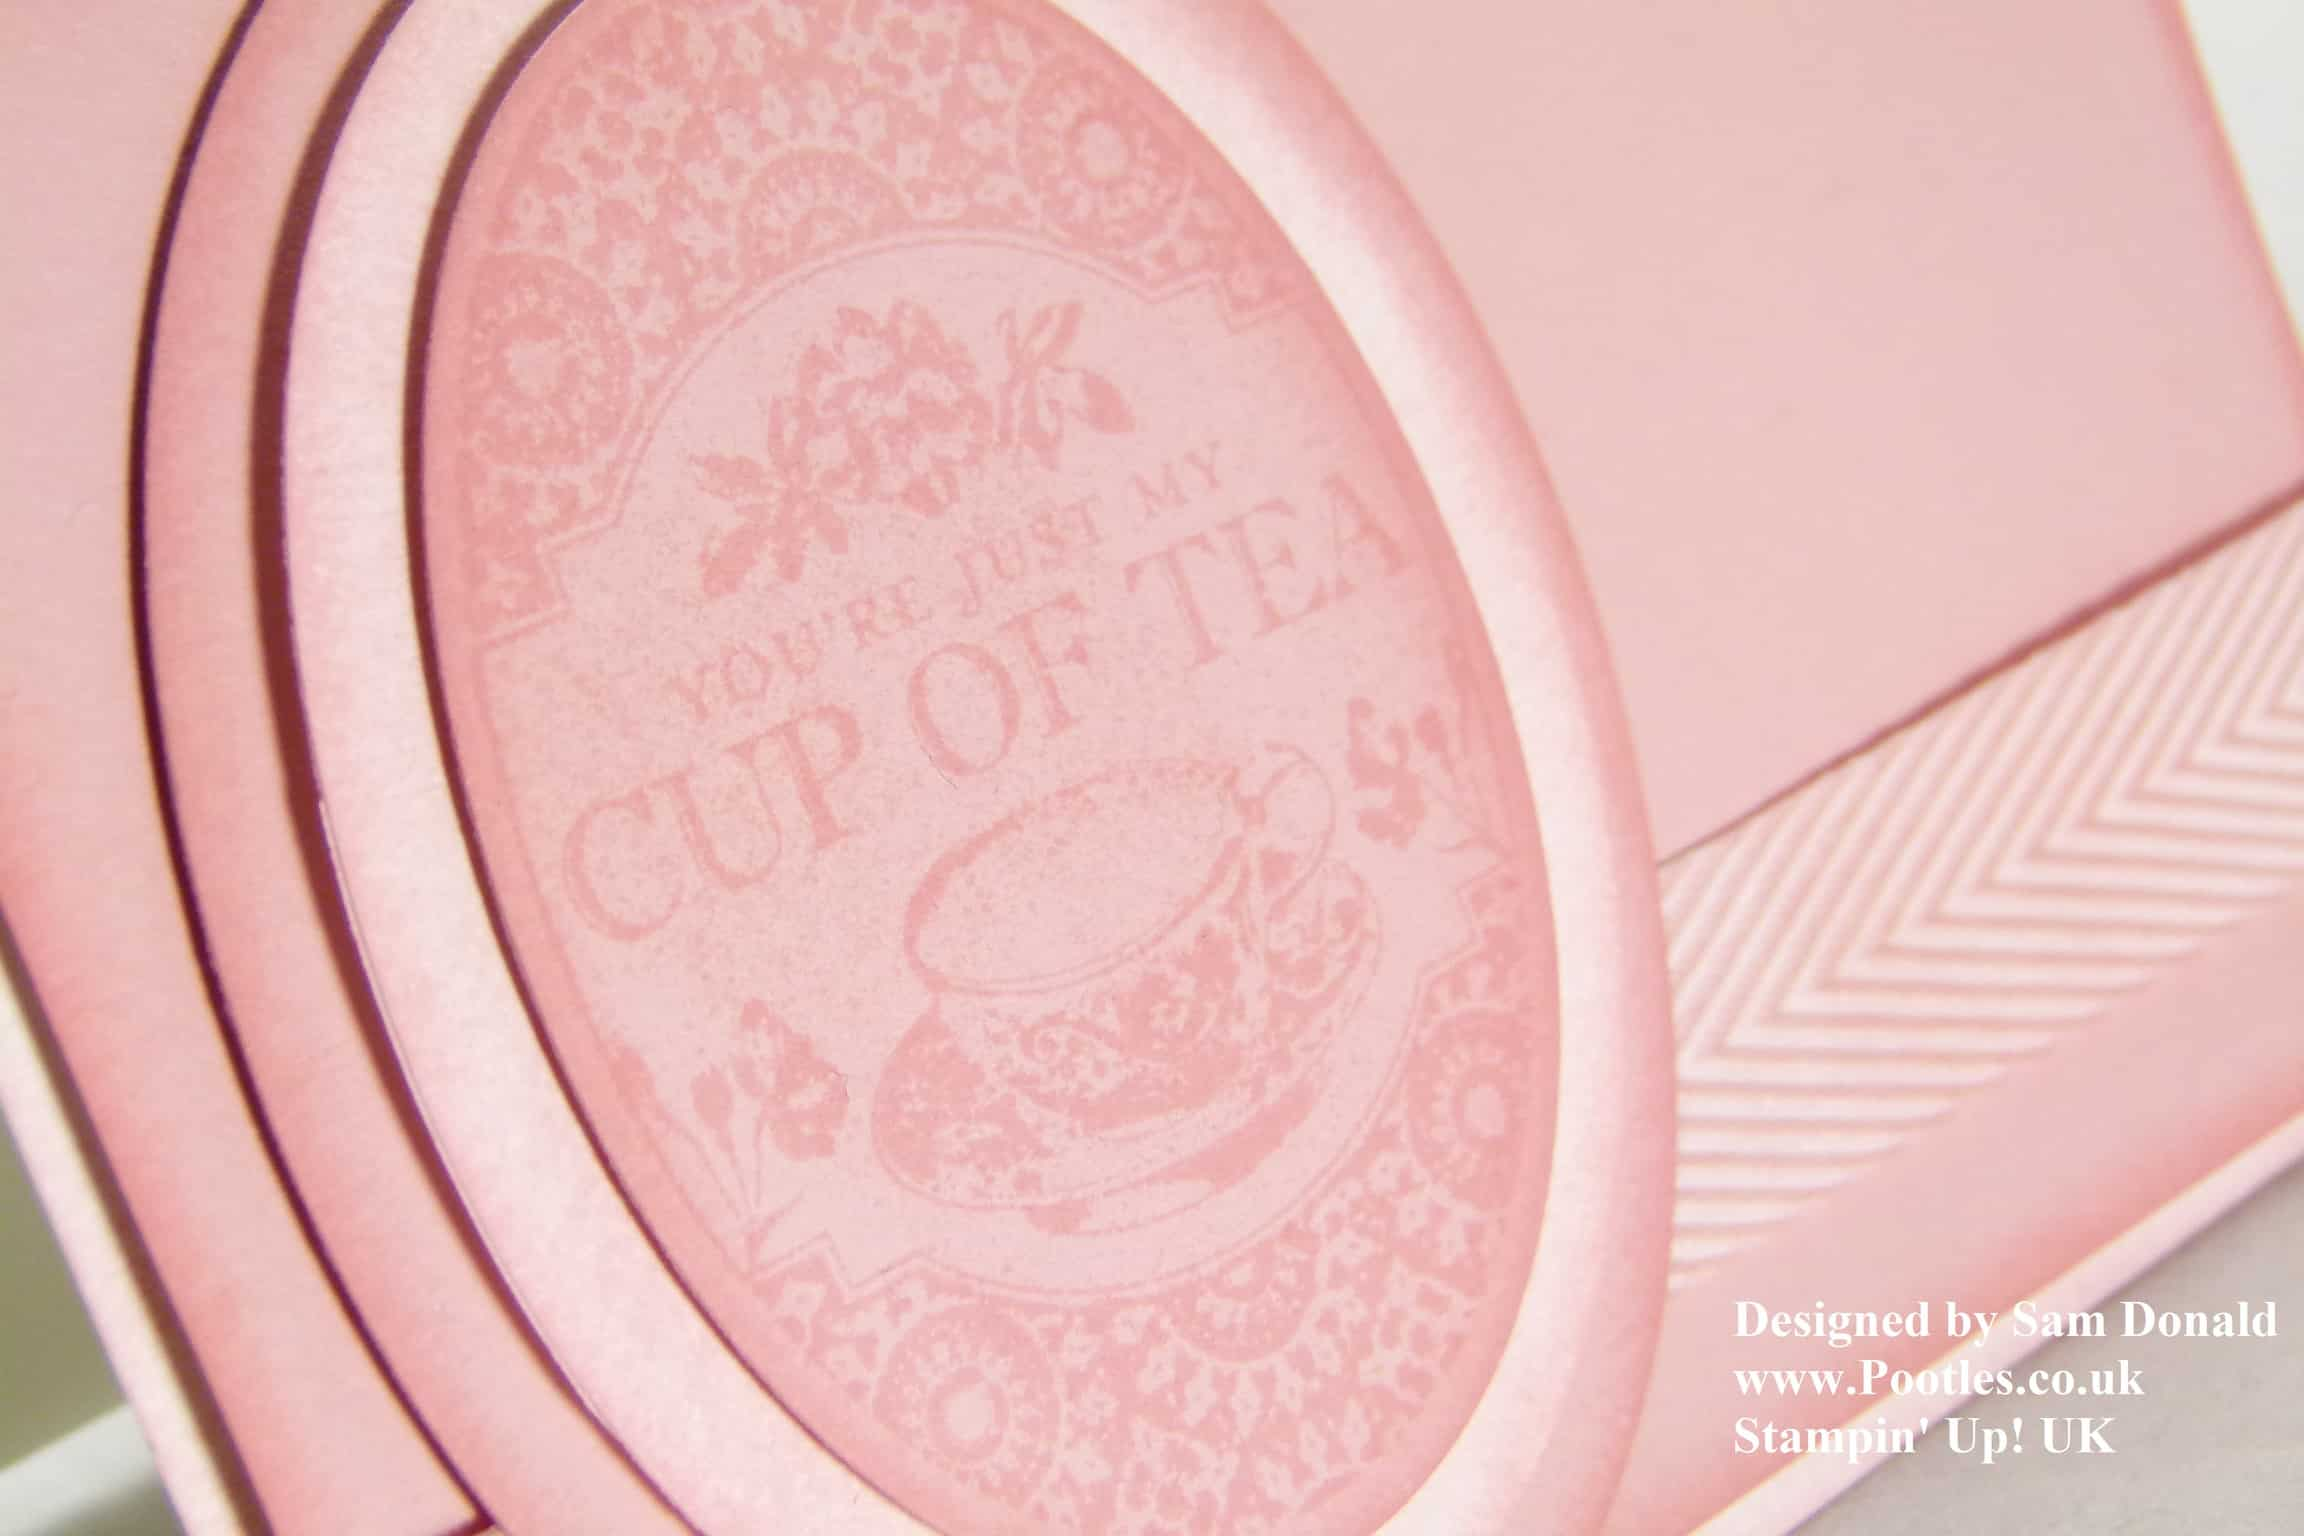 Blushing Cup of Tea?